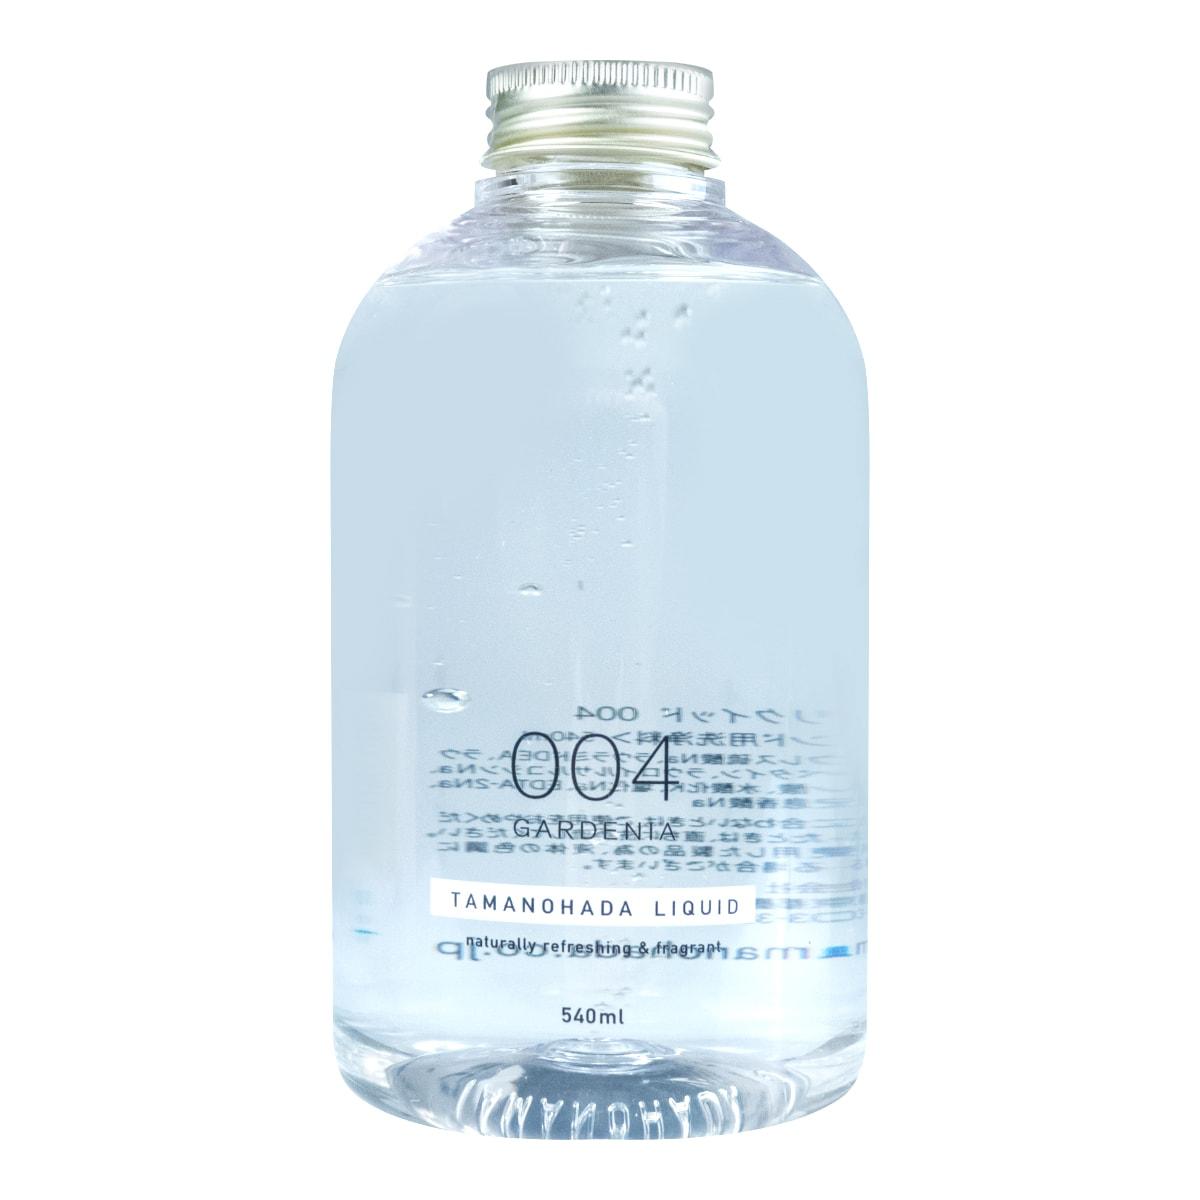 日本TAMANOHADA玉肌 沐浴乳 #004栀子花香 540ml